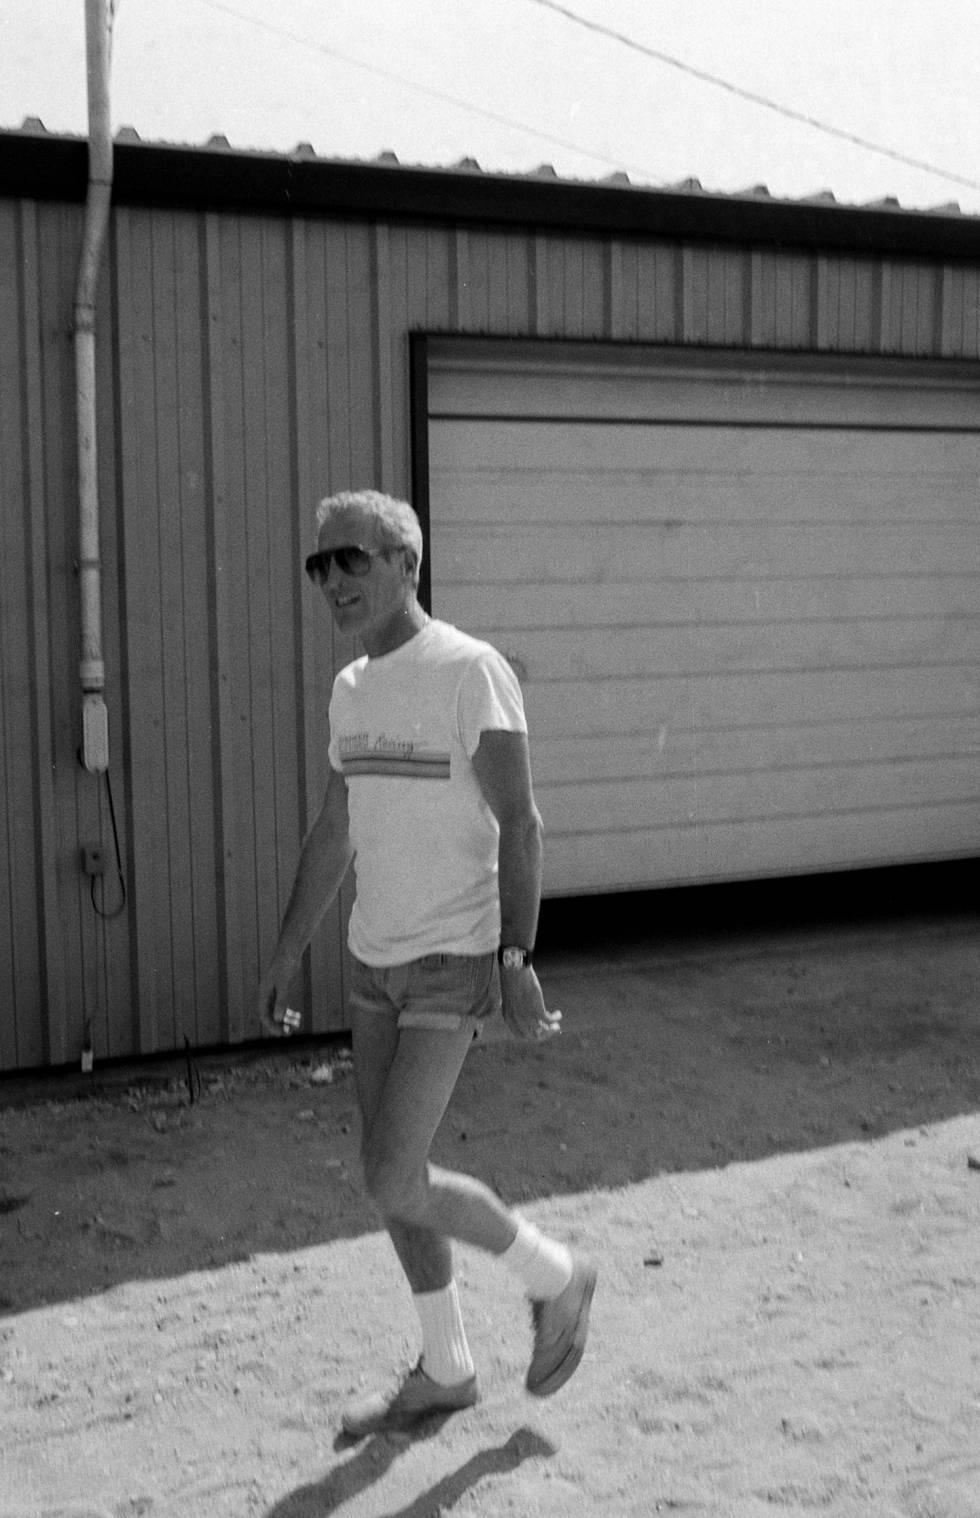 Puede ser alguien 'cool' vistiendo unos pantaloncitos megacortos y unos calcetines blancos. Sí, se puede si te llamas Paul Newman.